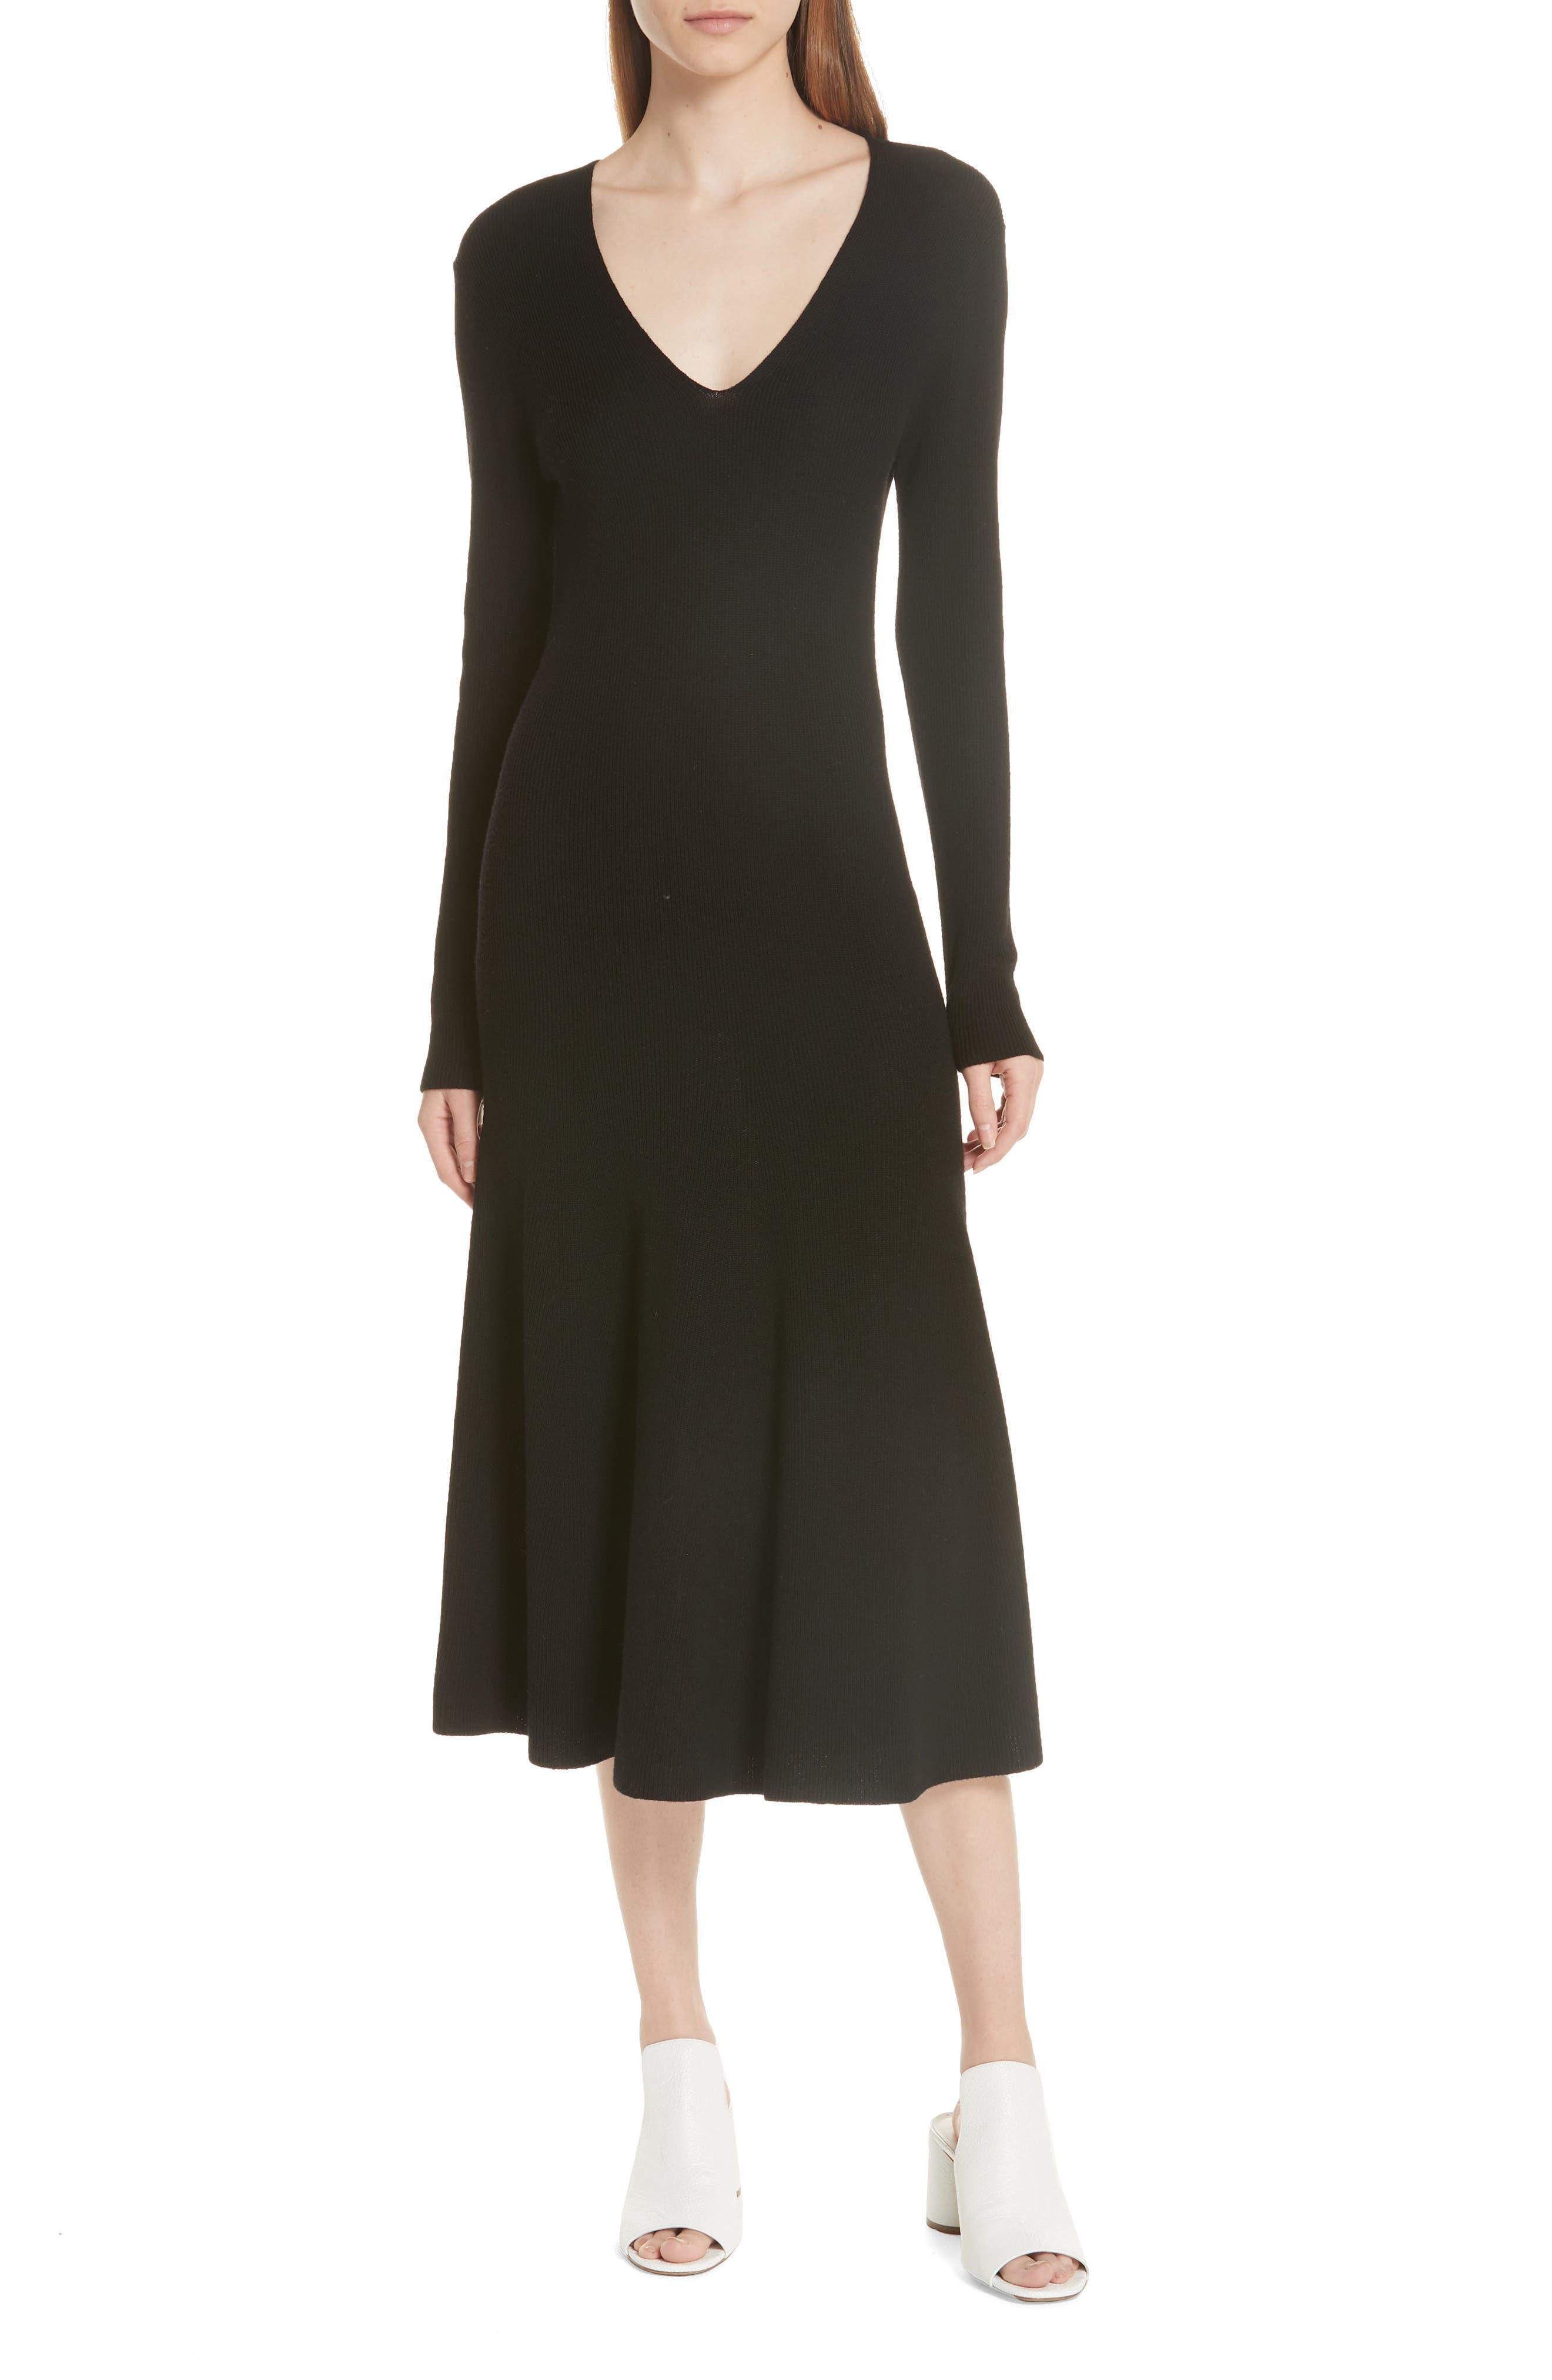 GREY JASON WU Wool Knit Dress in Black